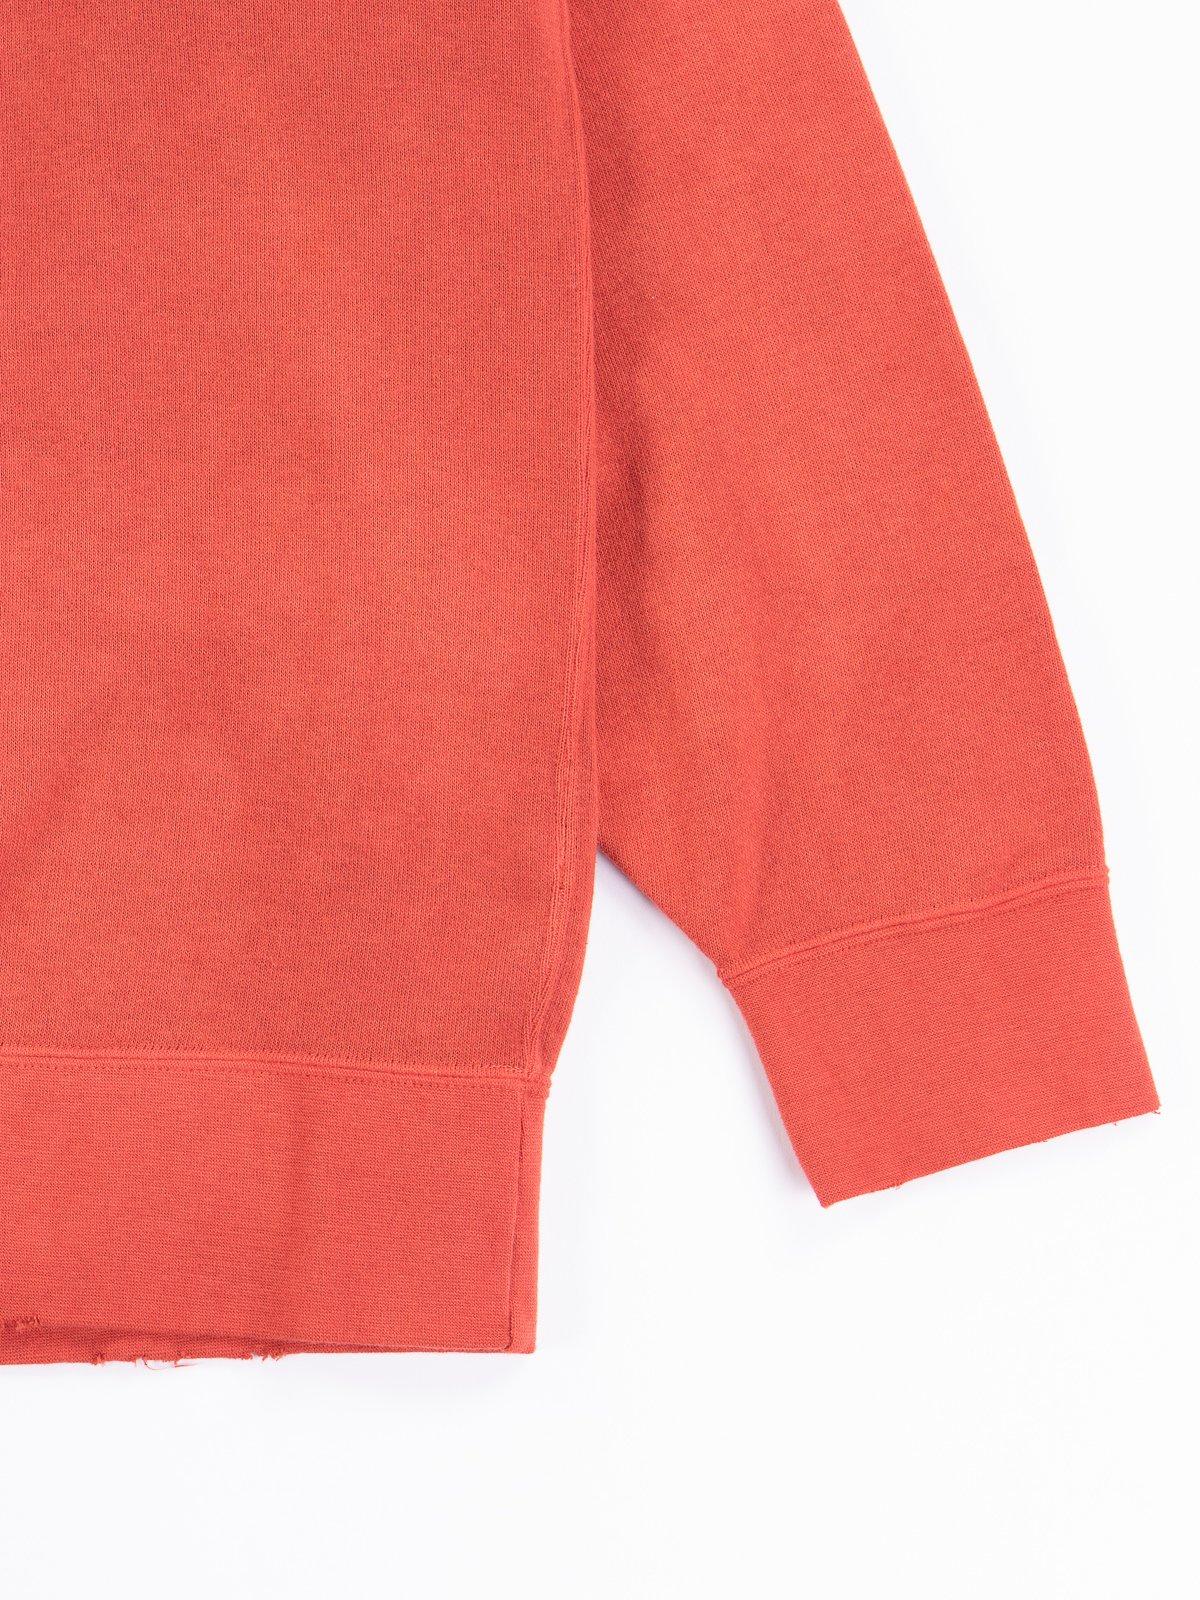 Red Uneven Dye Jumbo Long Sleeve Sweatshirt - Image 2